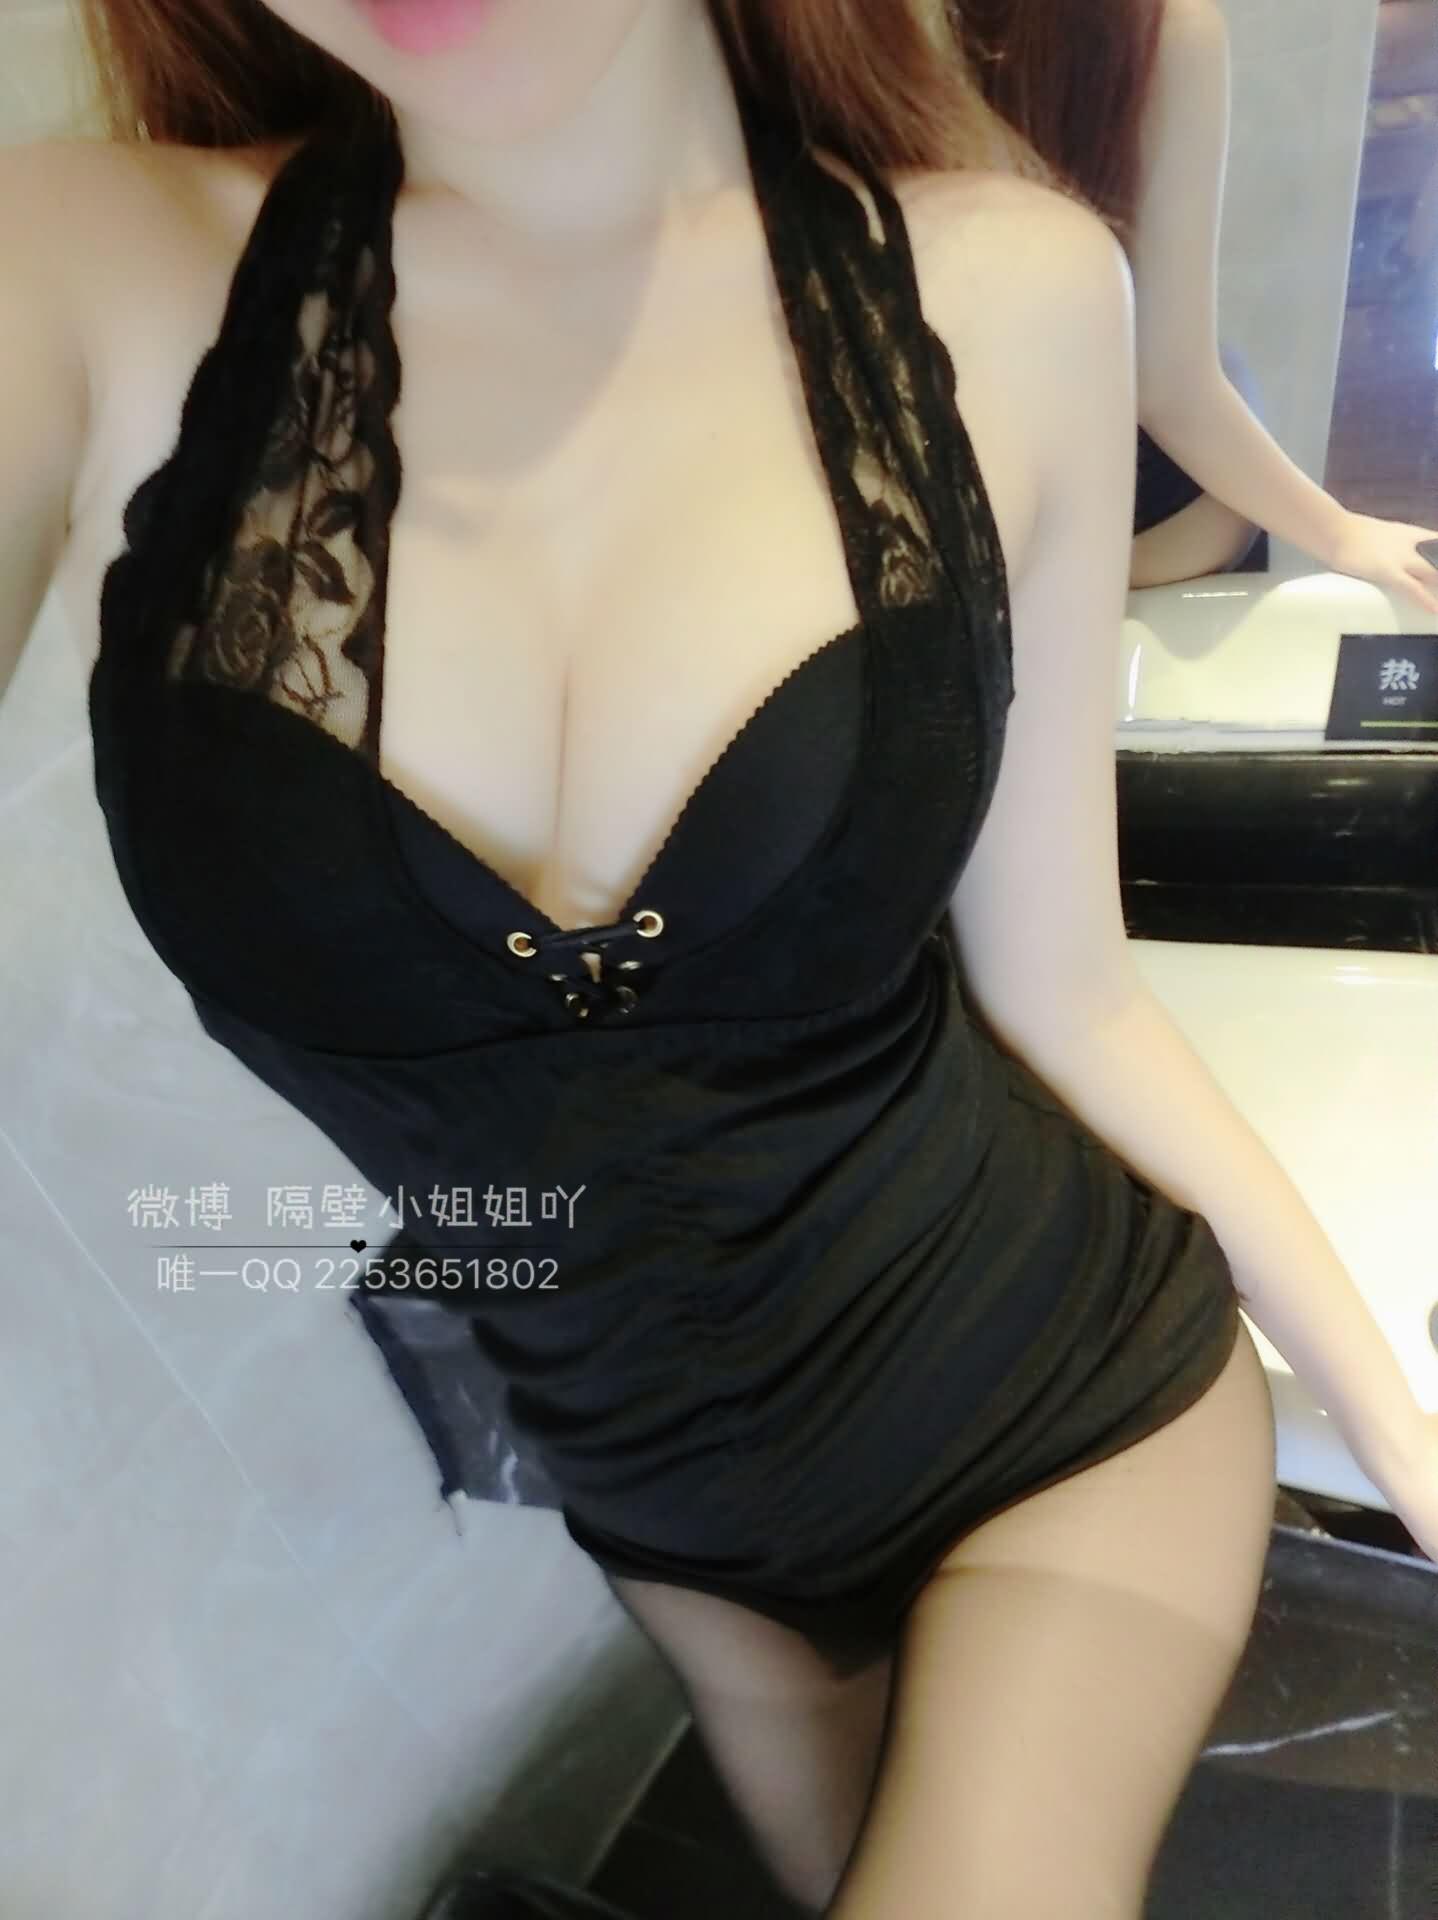 隔壁小姐姐201807015思春的黑丝女神 46P/1V